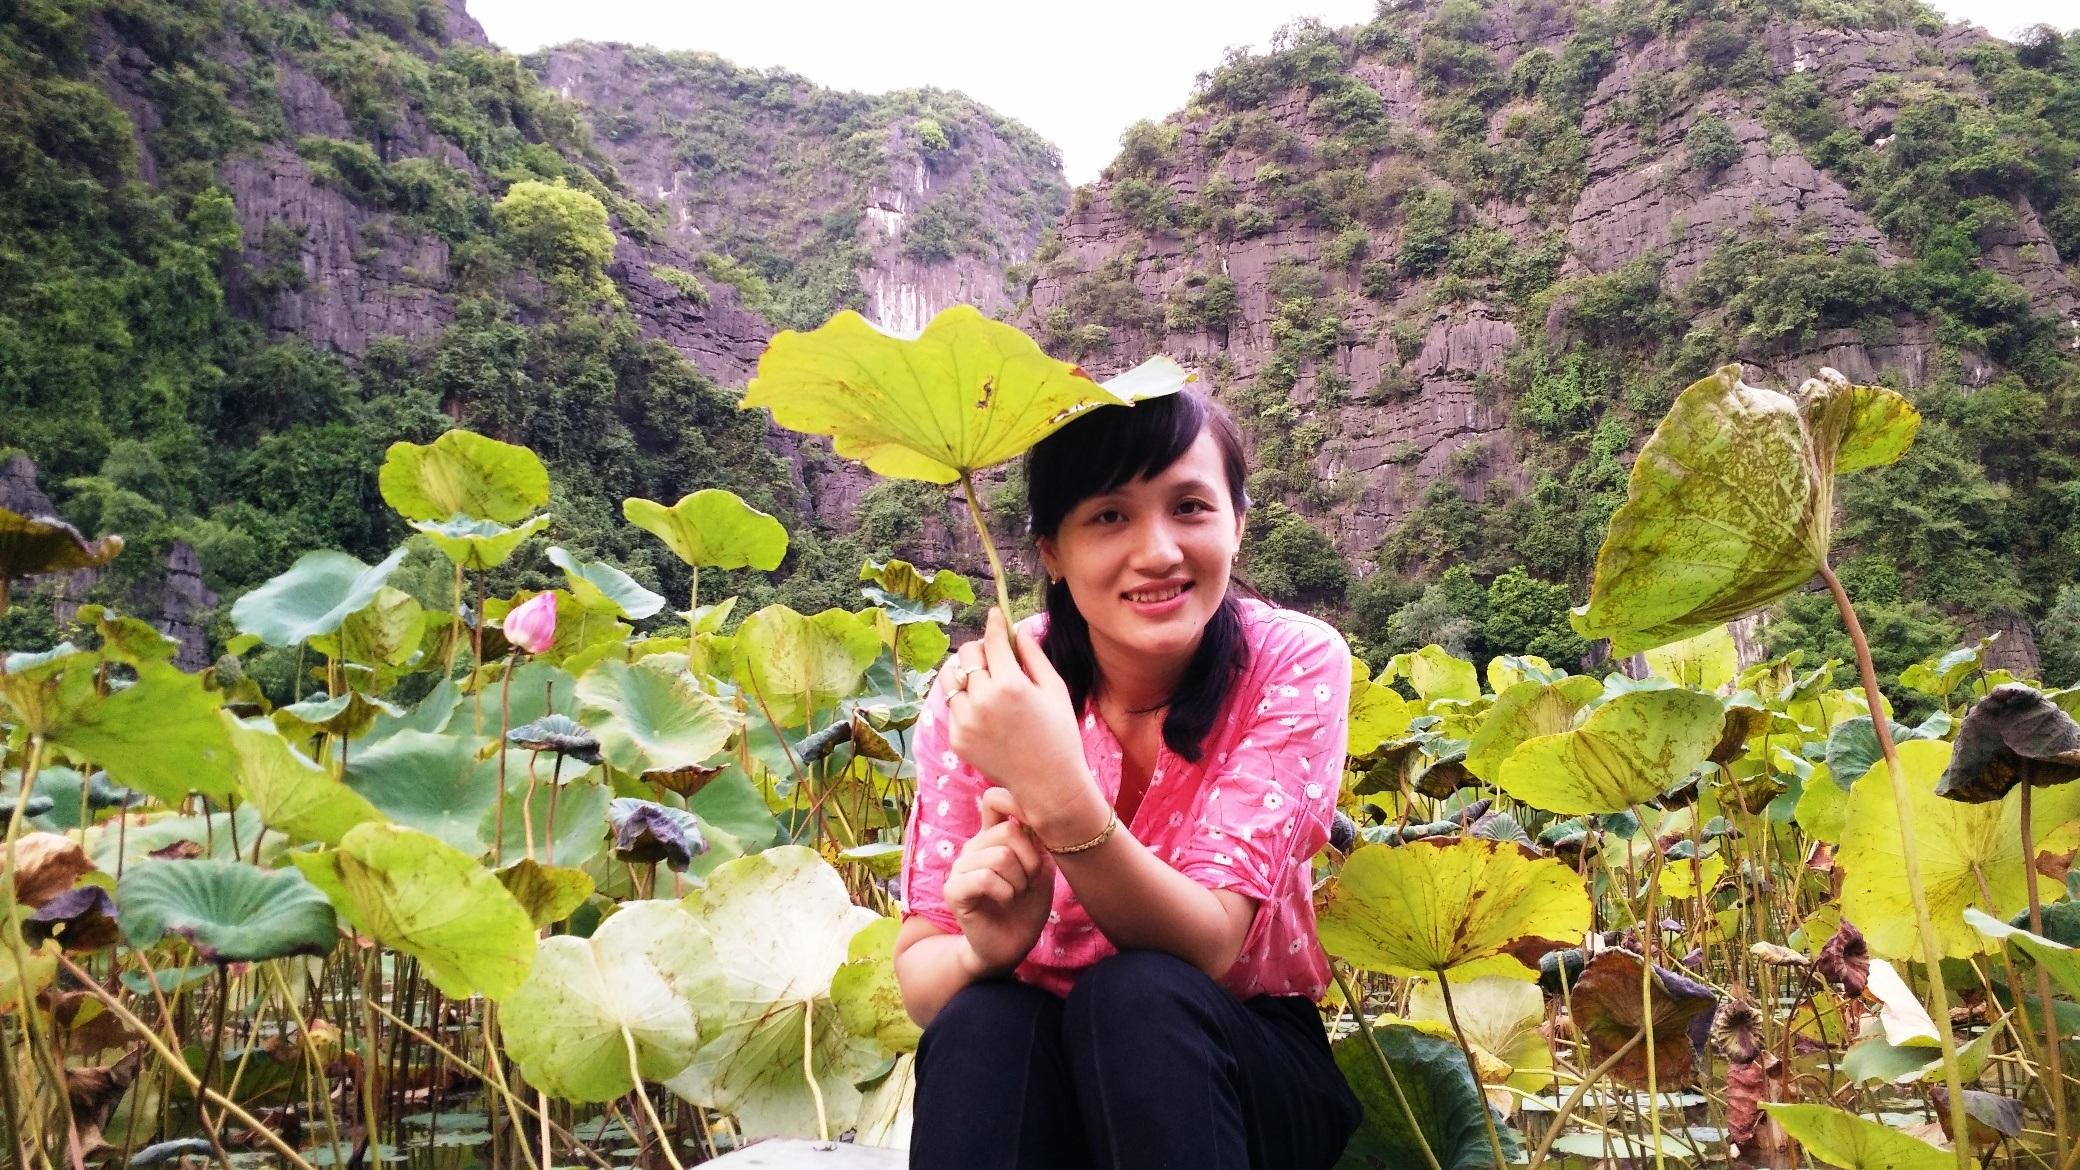 Du khách thích thú chụp ảnh cùng hoa sen khi đến tham quan Tam Cốc